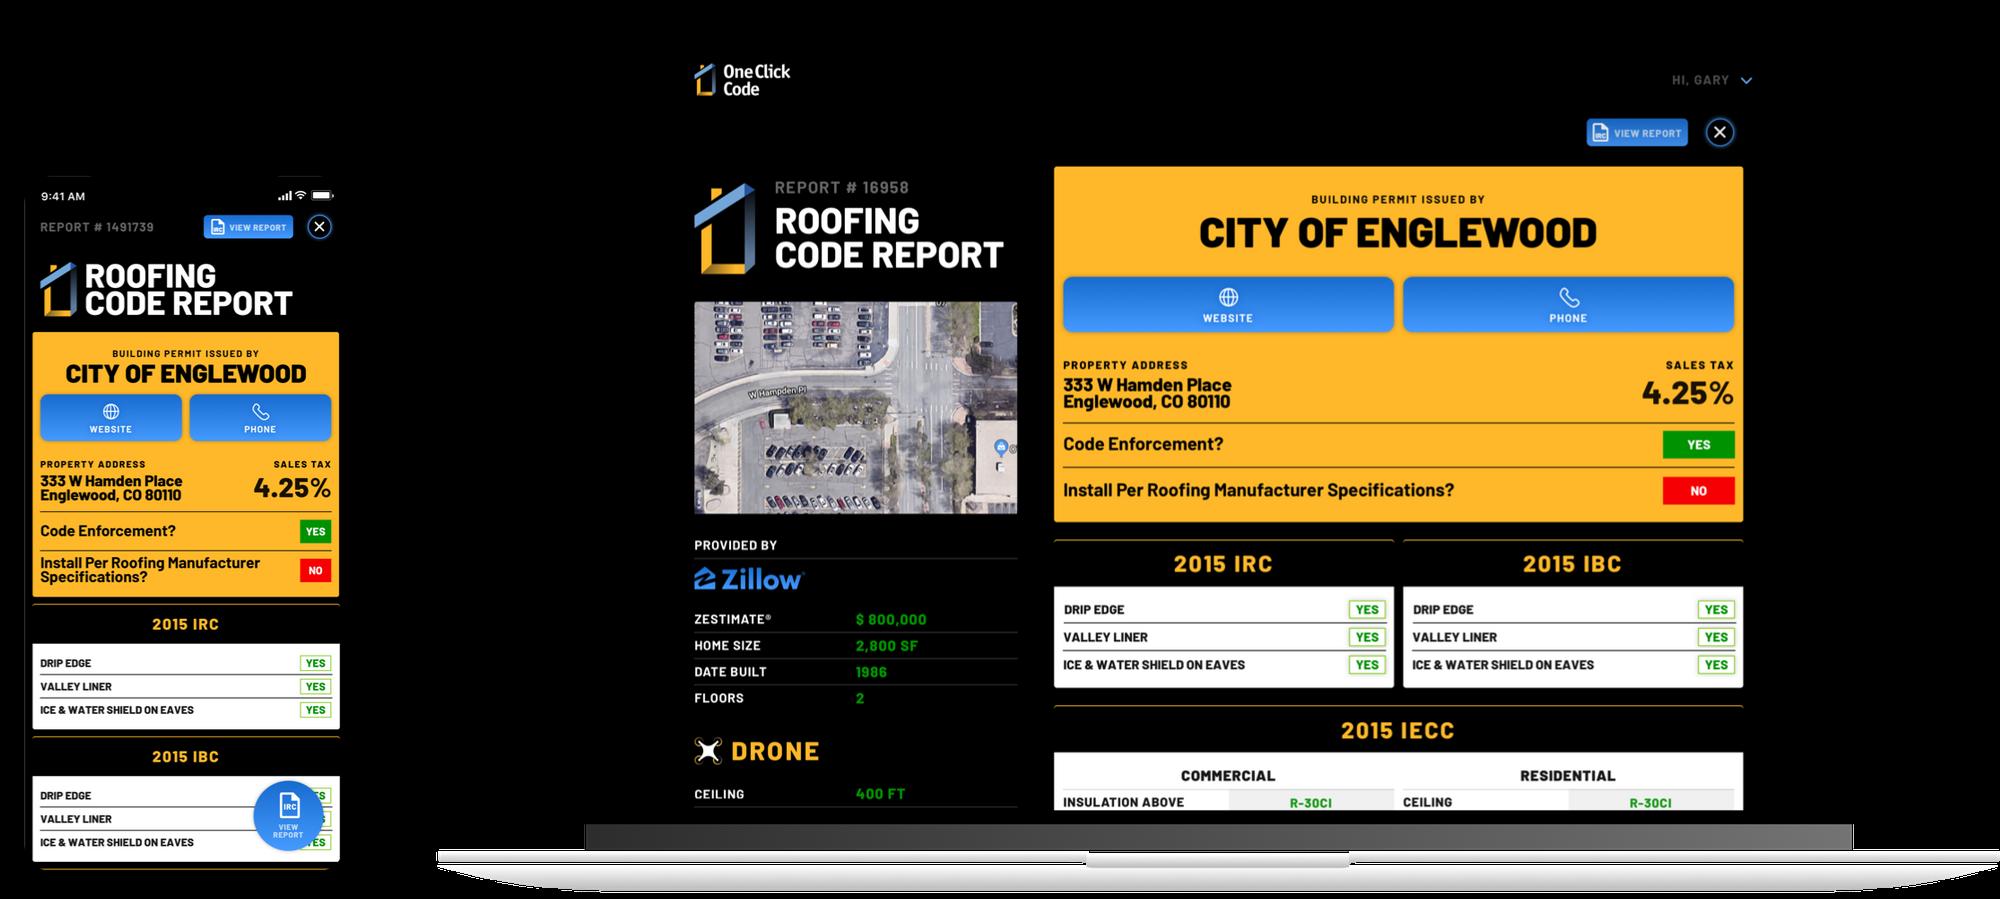 5deeb7f61c0040567c655115_Mobile and Desktop Report Mockup-p-2000